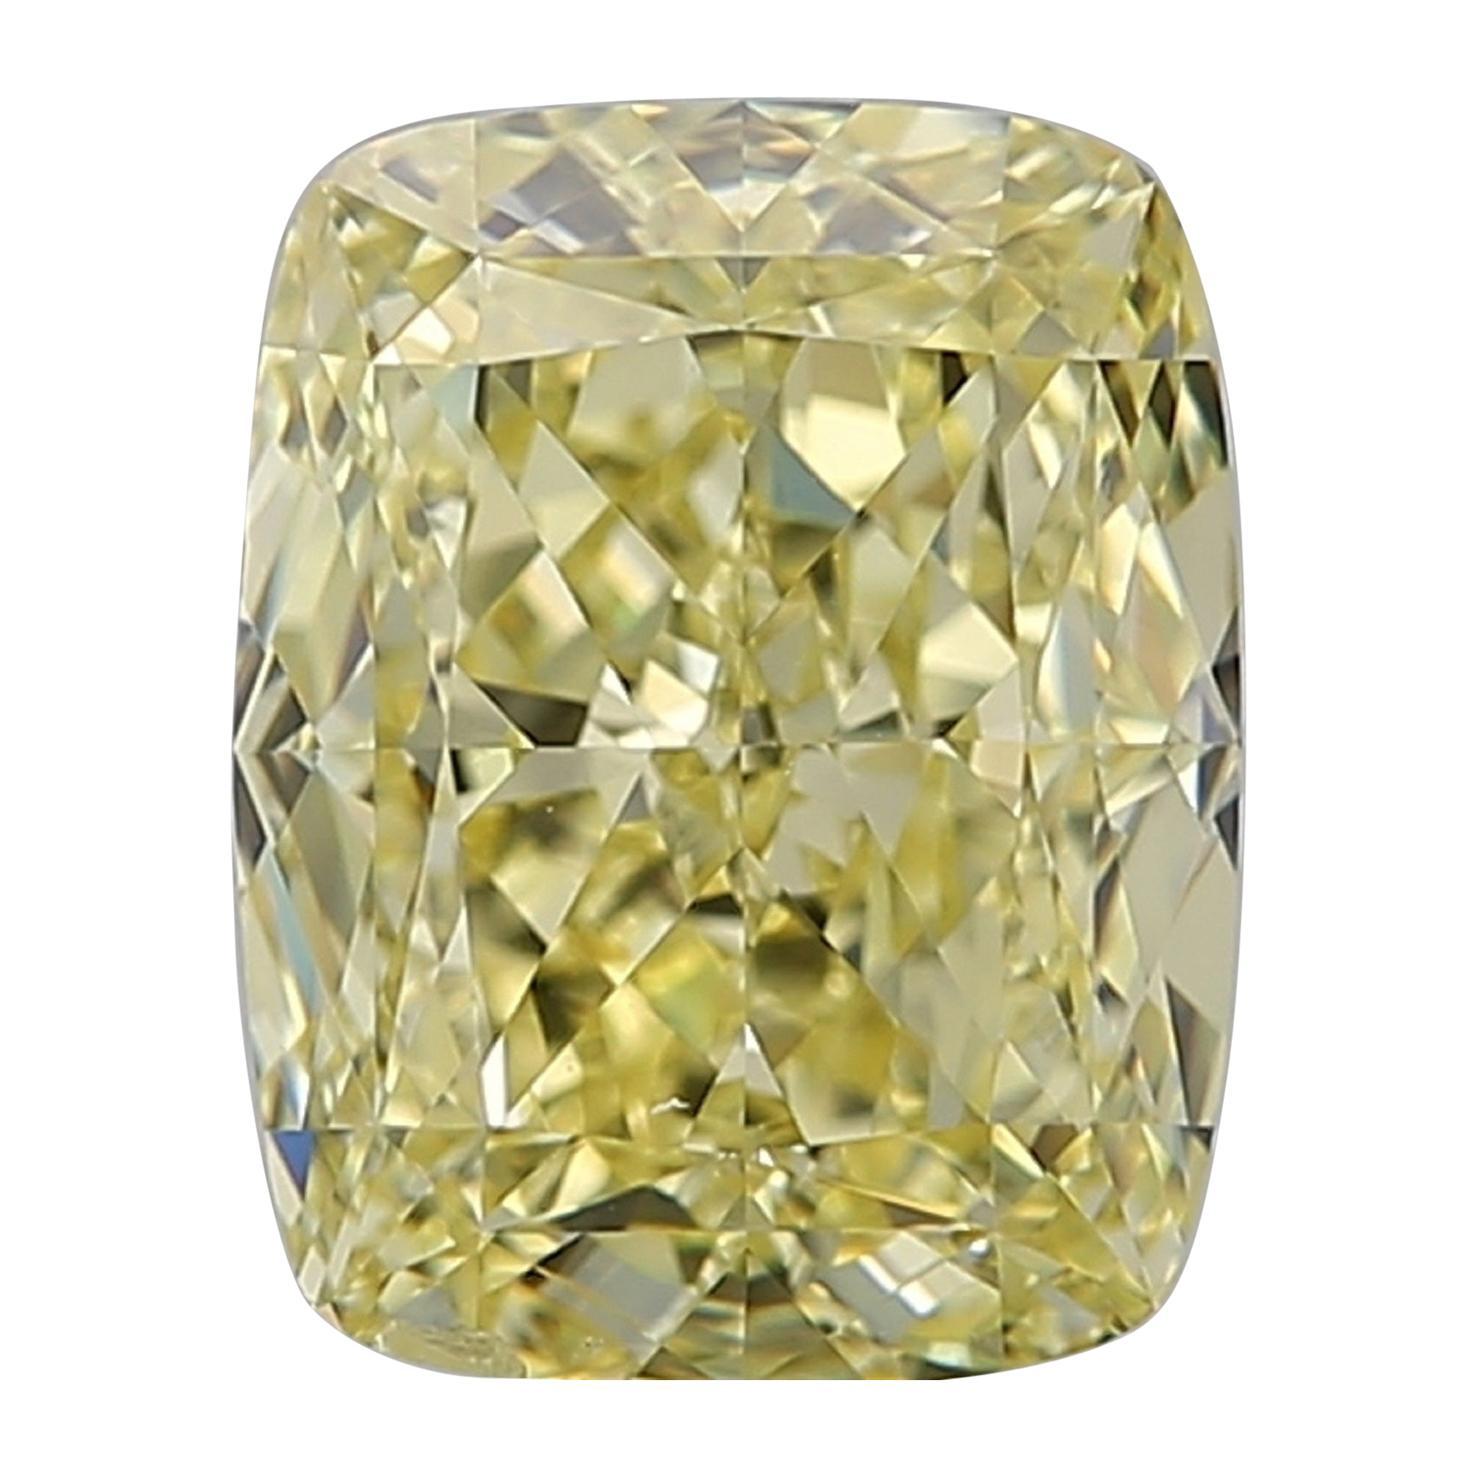 GIA Certified 4.01 Carat Fancy Yellow Cushion Diamond